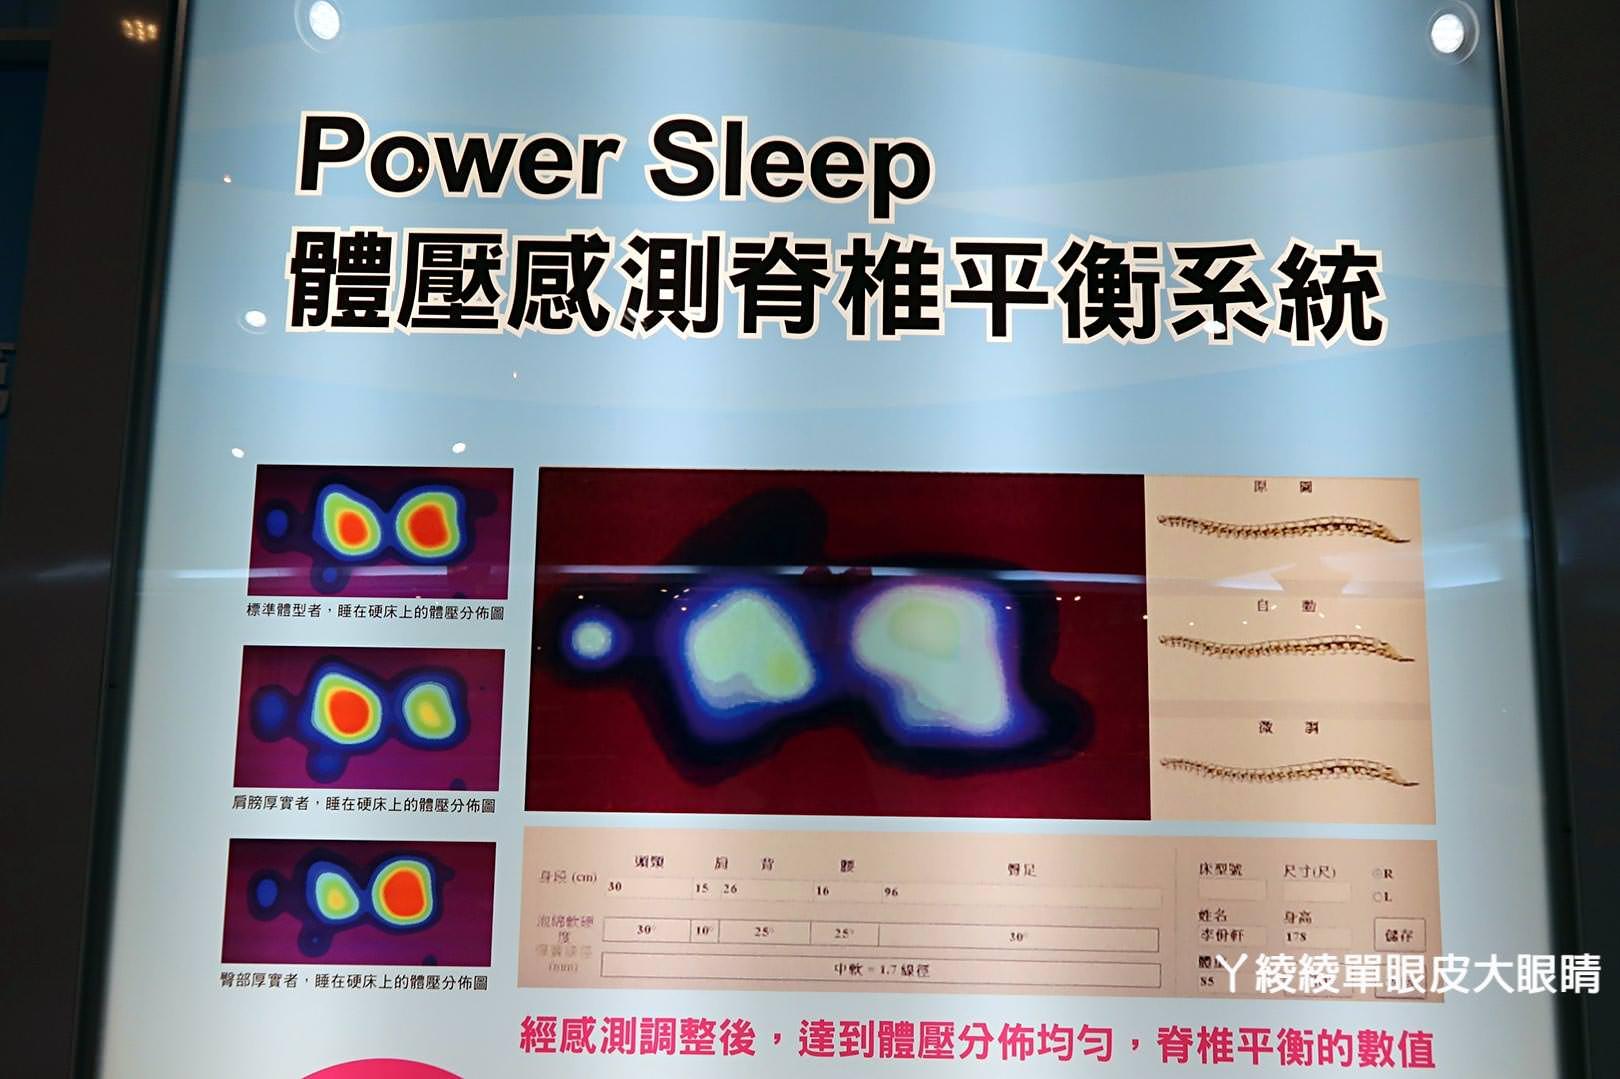 新竹傢具賣場推薦《大都會國際家具館竹北高鐵館》!事達家具、POWER SLEEP知識睡眠館